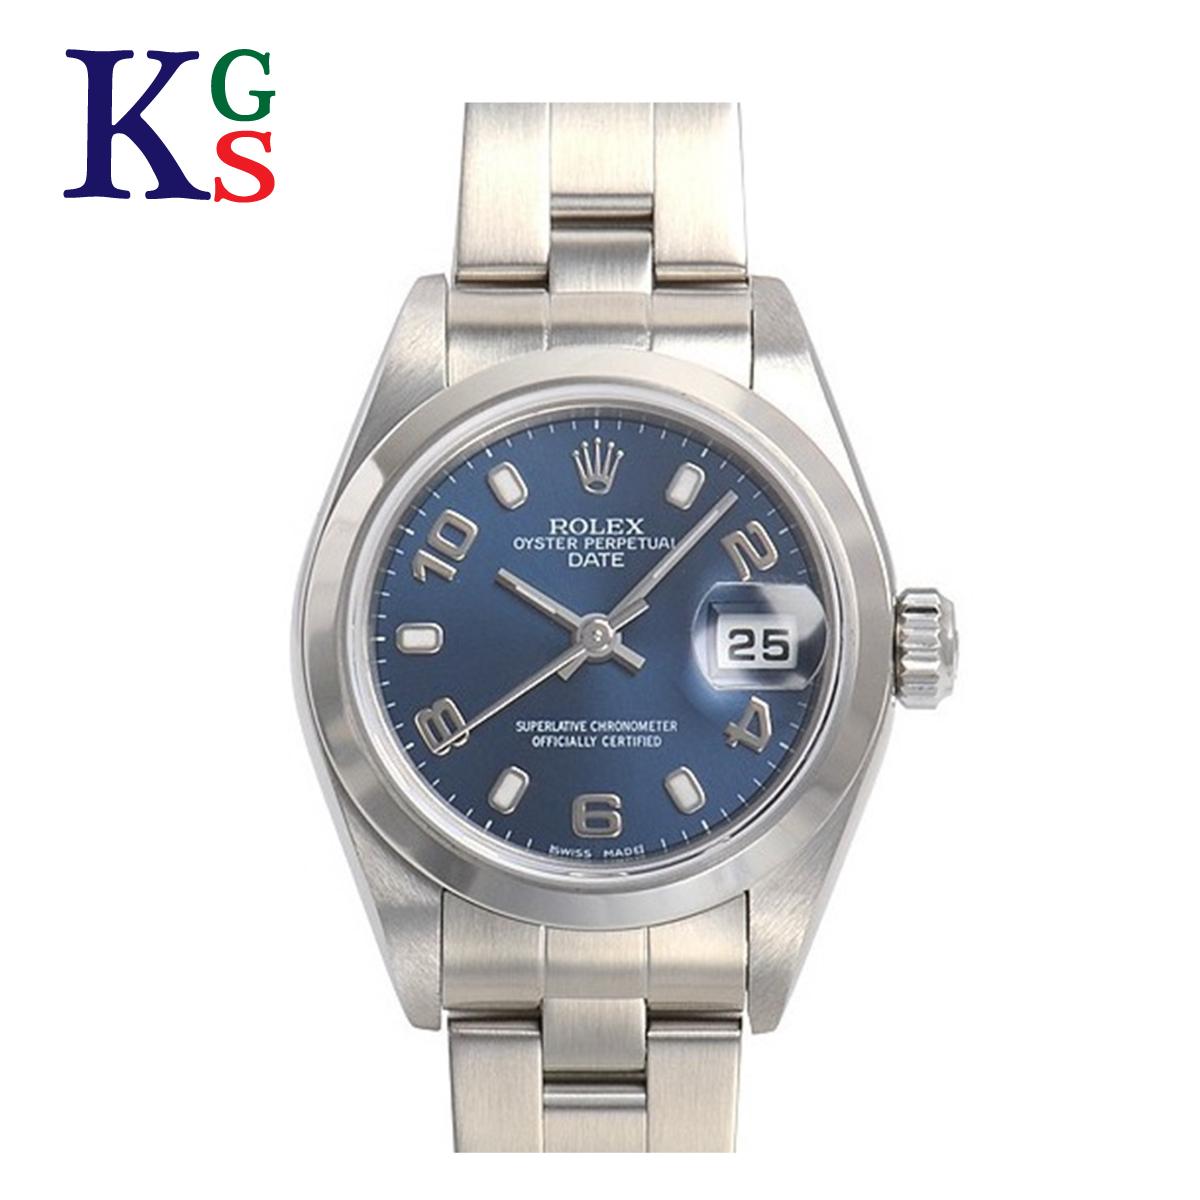 【ギフト品質】ロレックス/ROLEX レディース 腕時計 オイスターパーペチュアル デイト ネイビー文字盤 アラビアン&バー インデックス ステンレススチール 79160